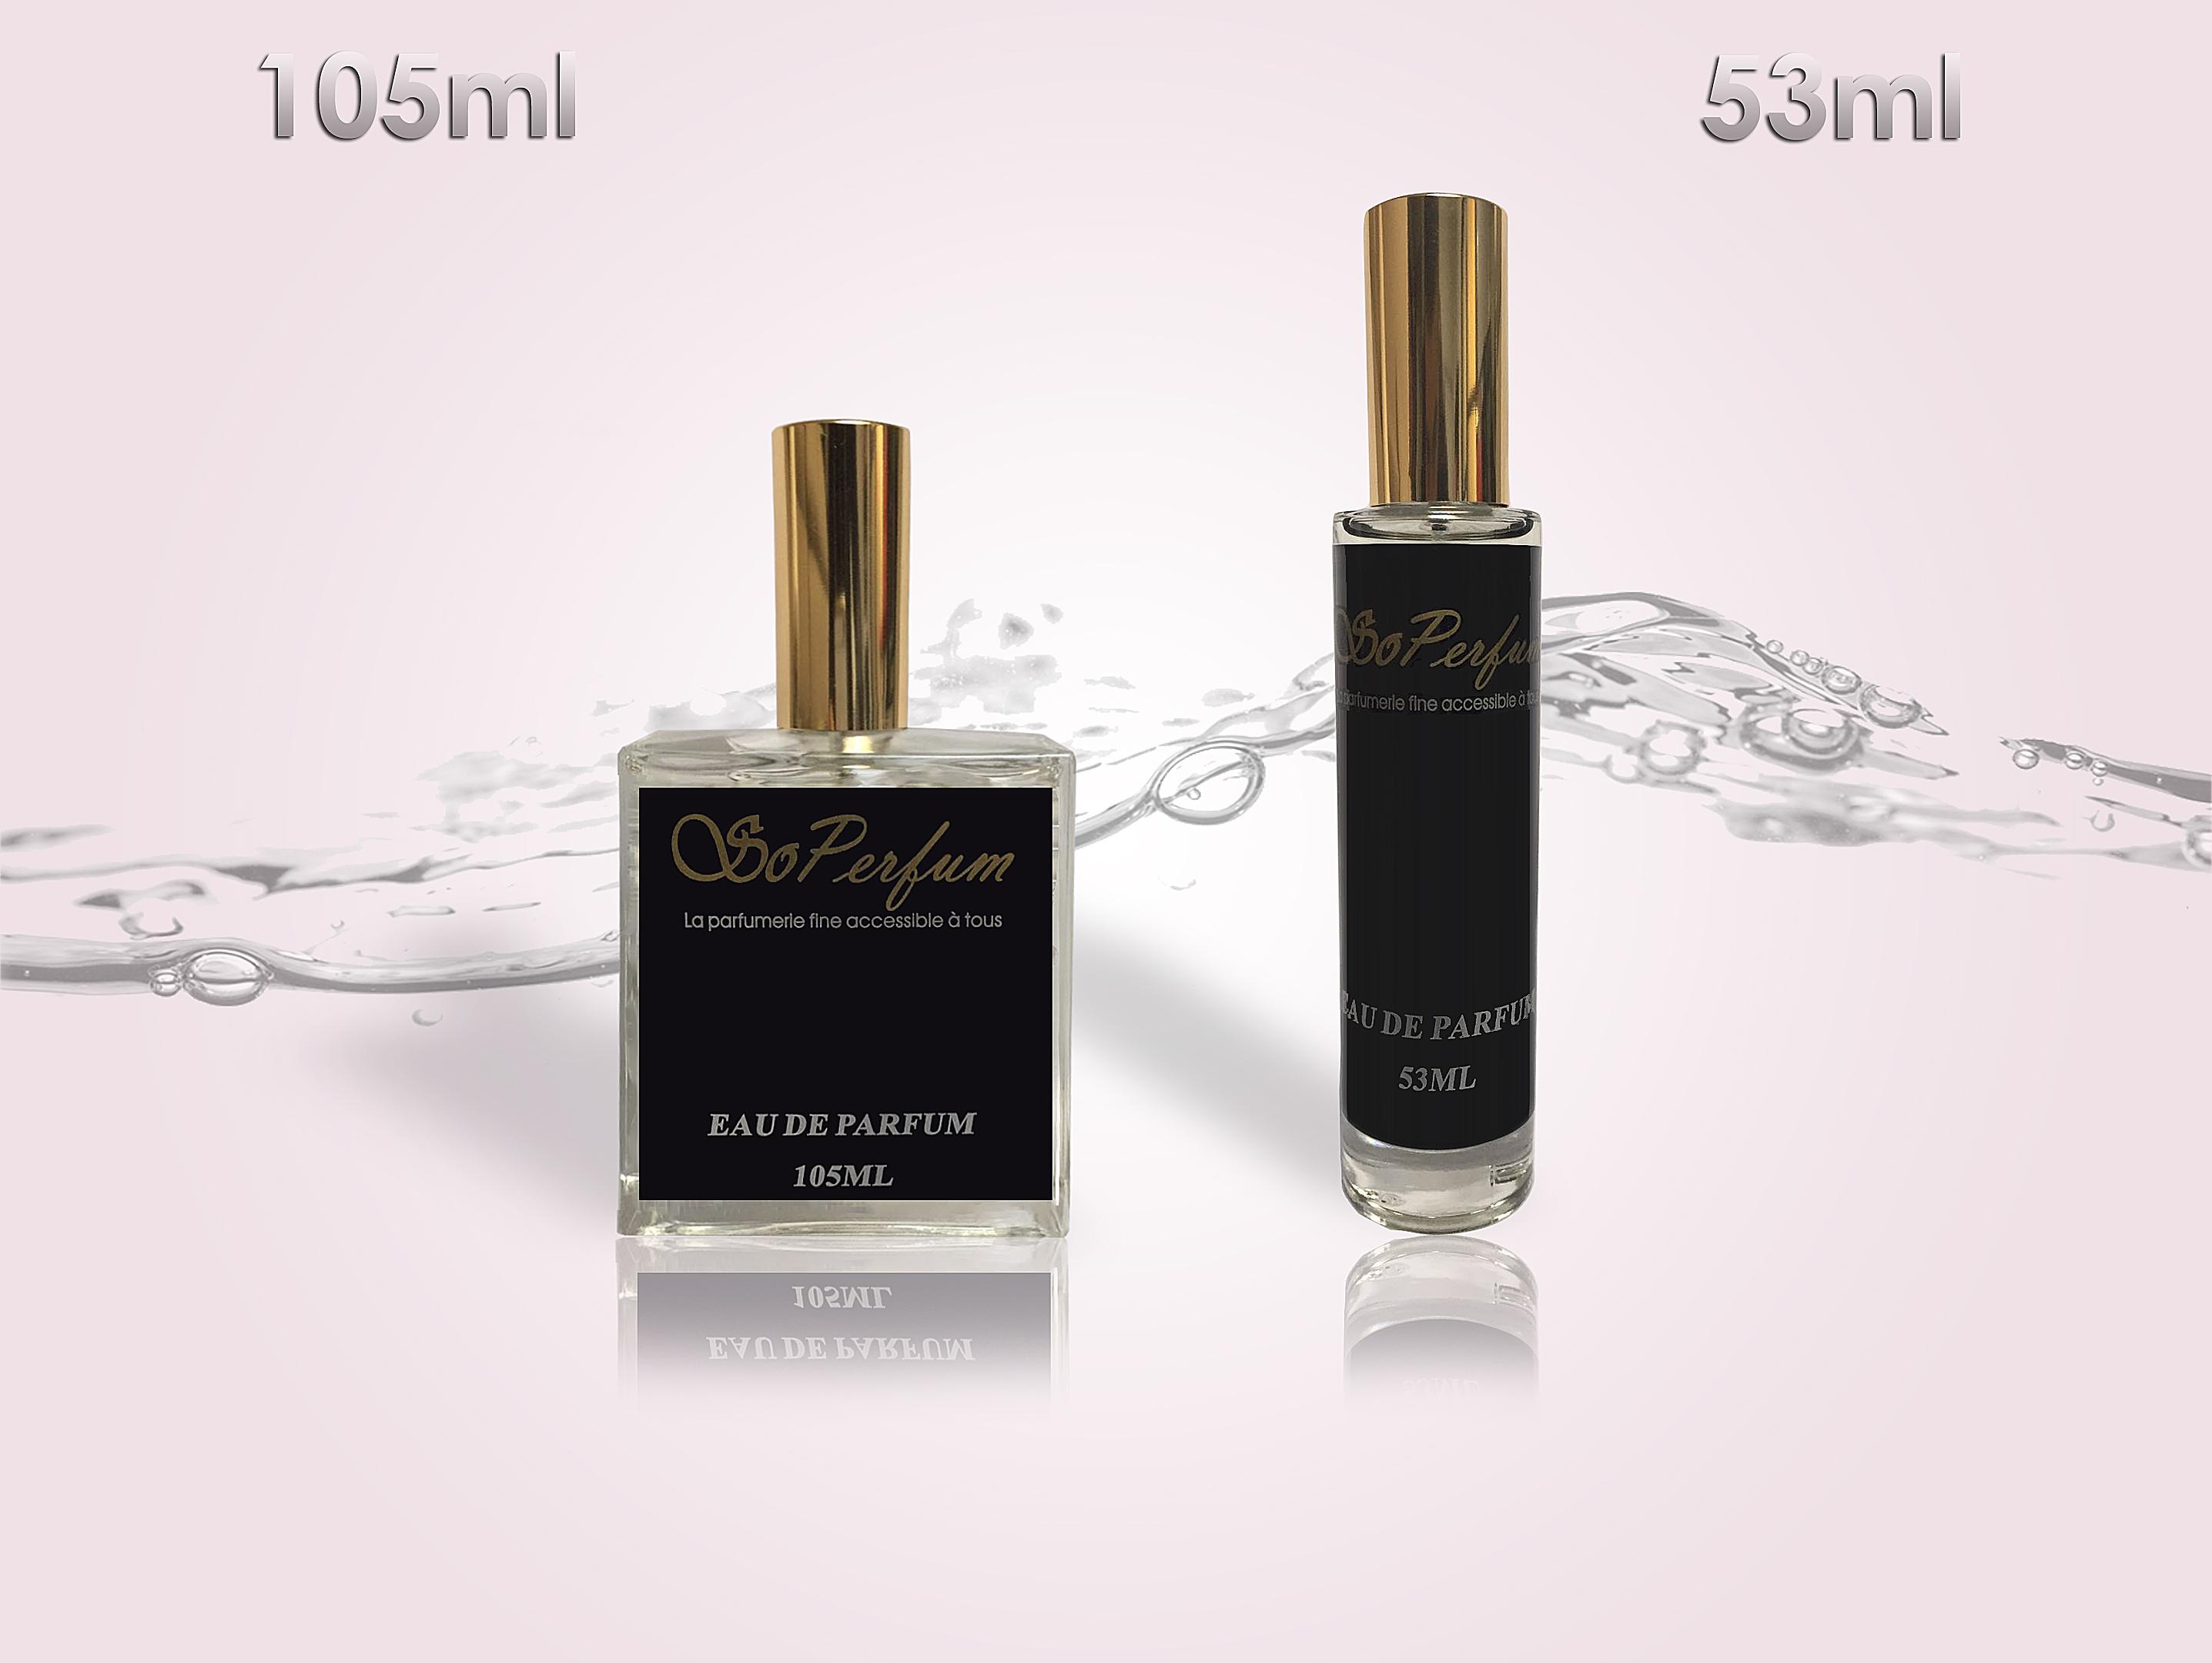 Colt So Perfum